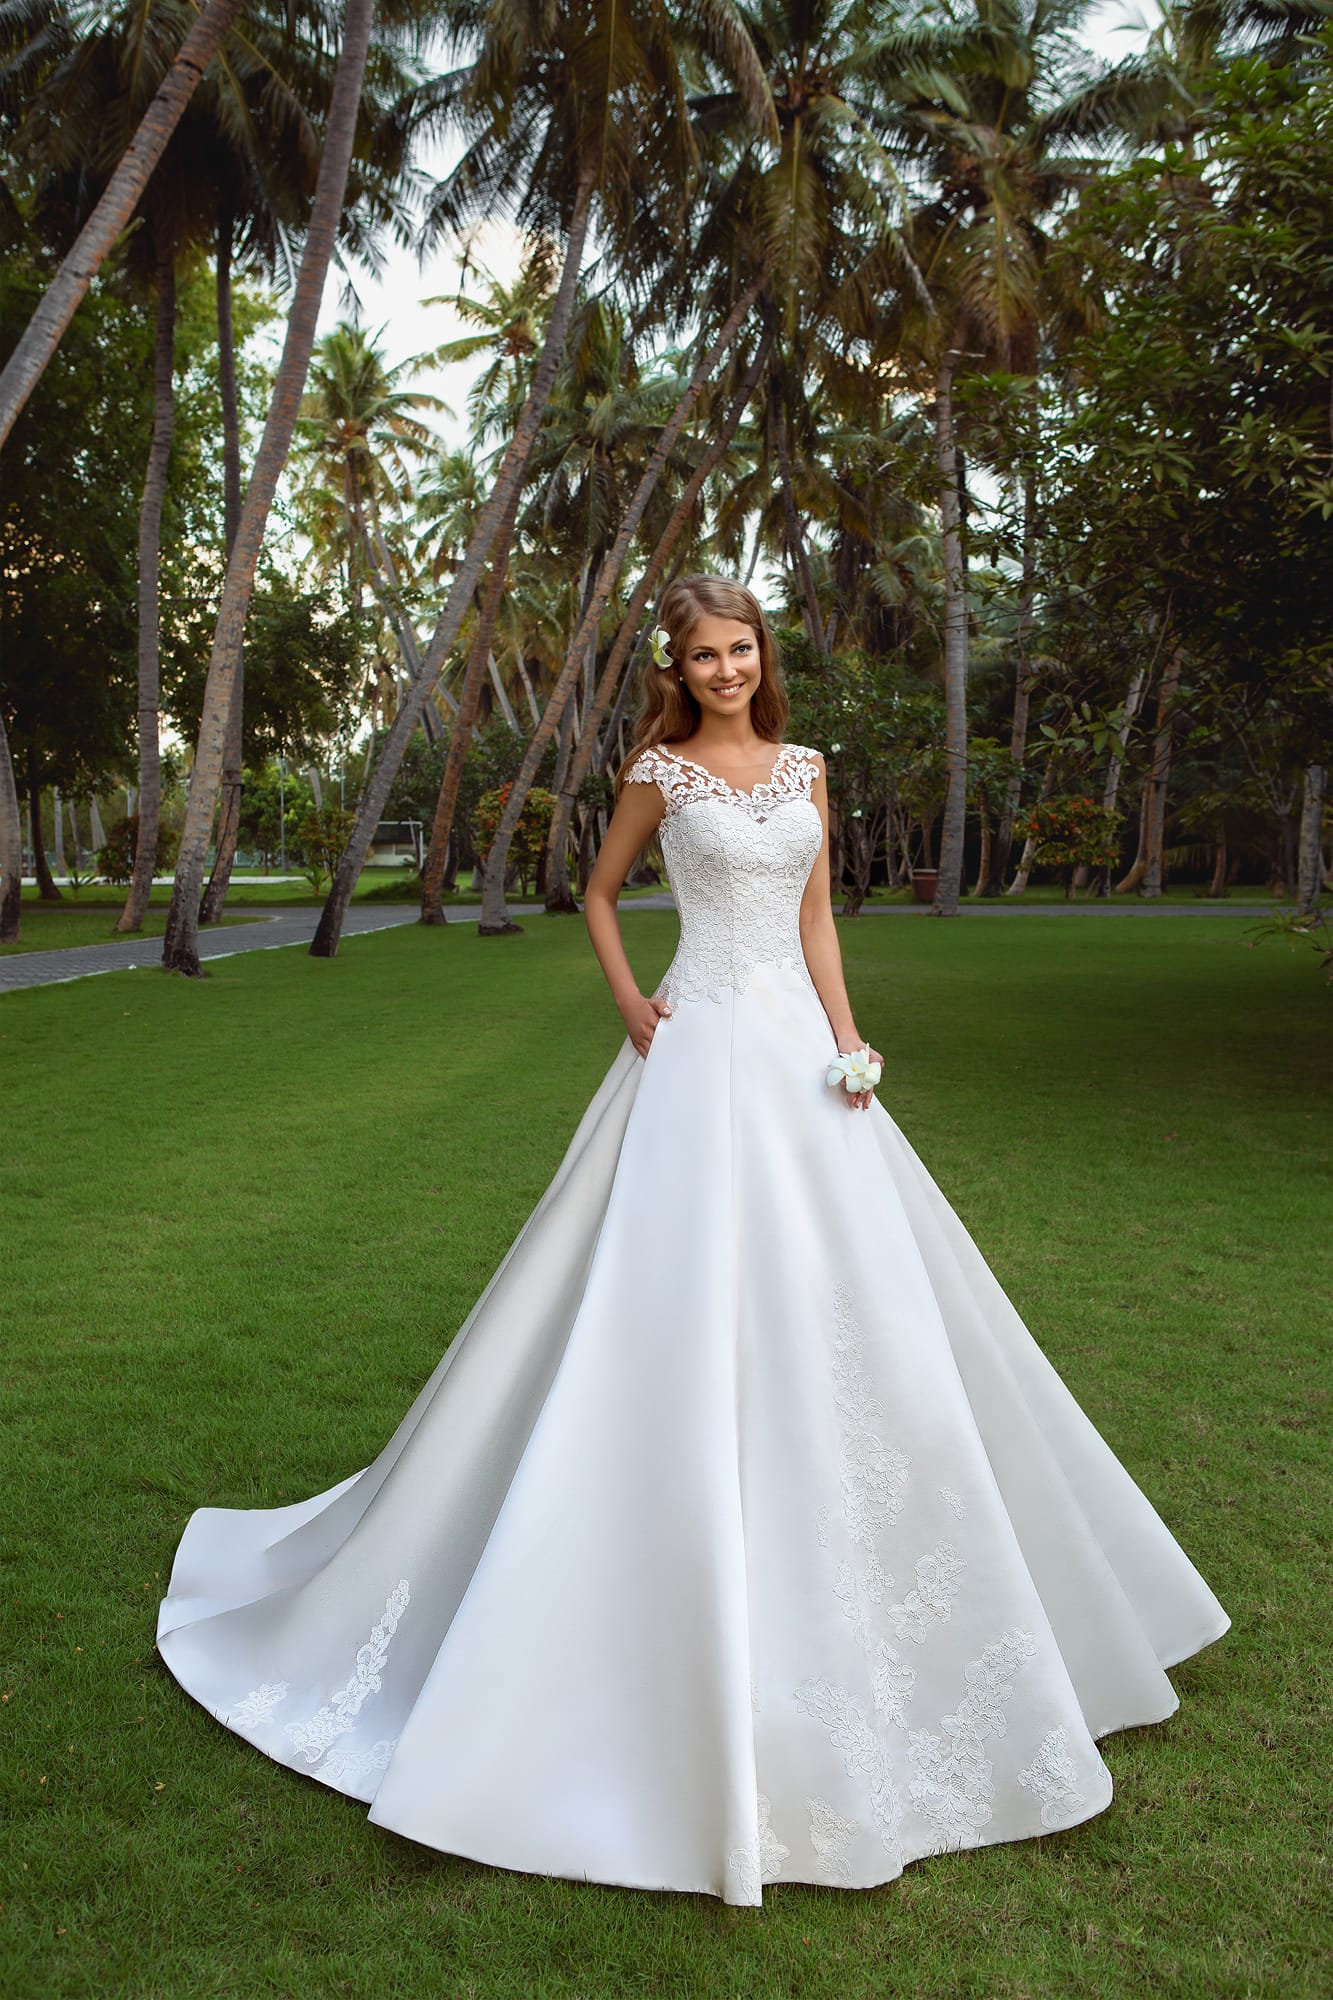 aade4fc4ebf Свадебное платье А-силуэта с роскошной атласной юбкой и кружевным лифом с  широкими бретелями.